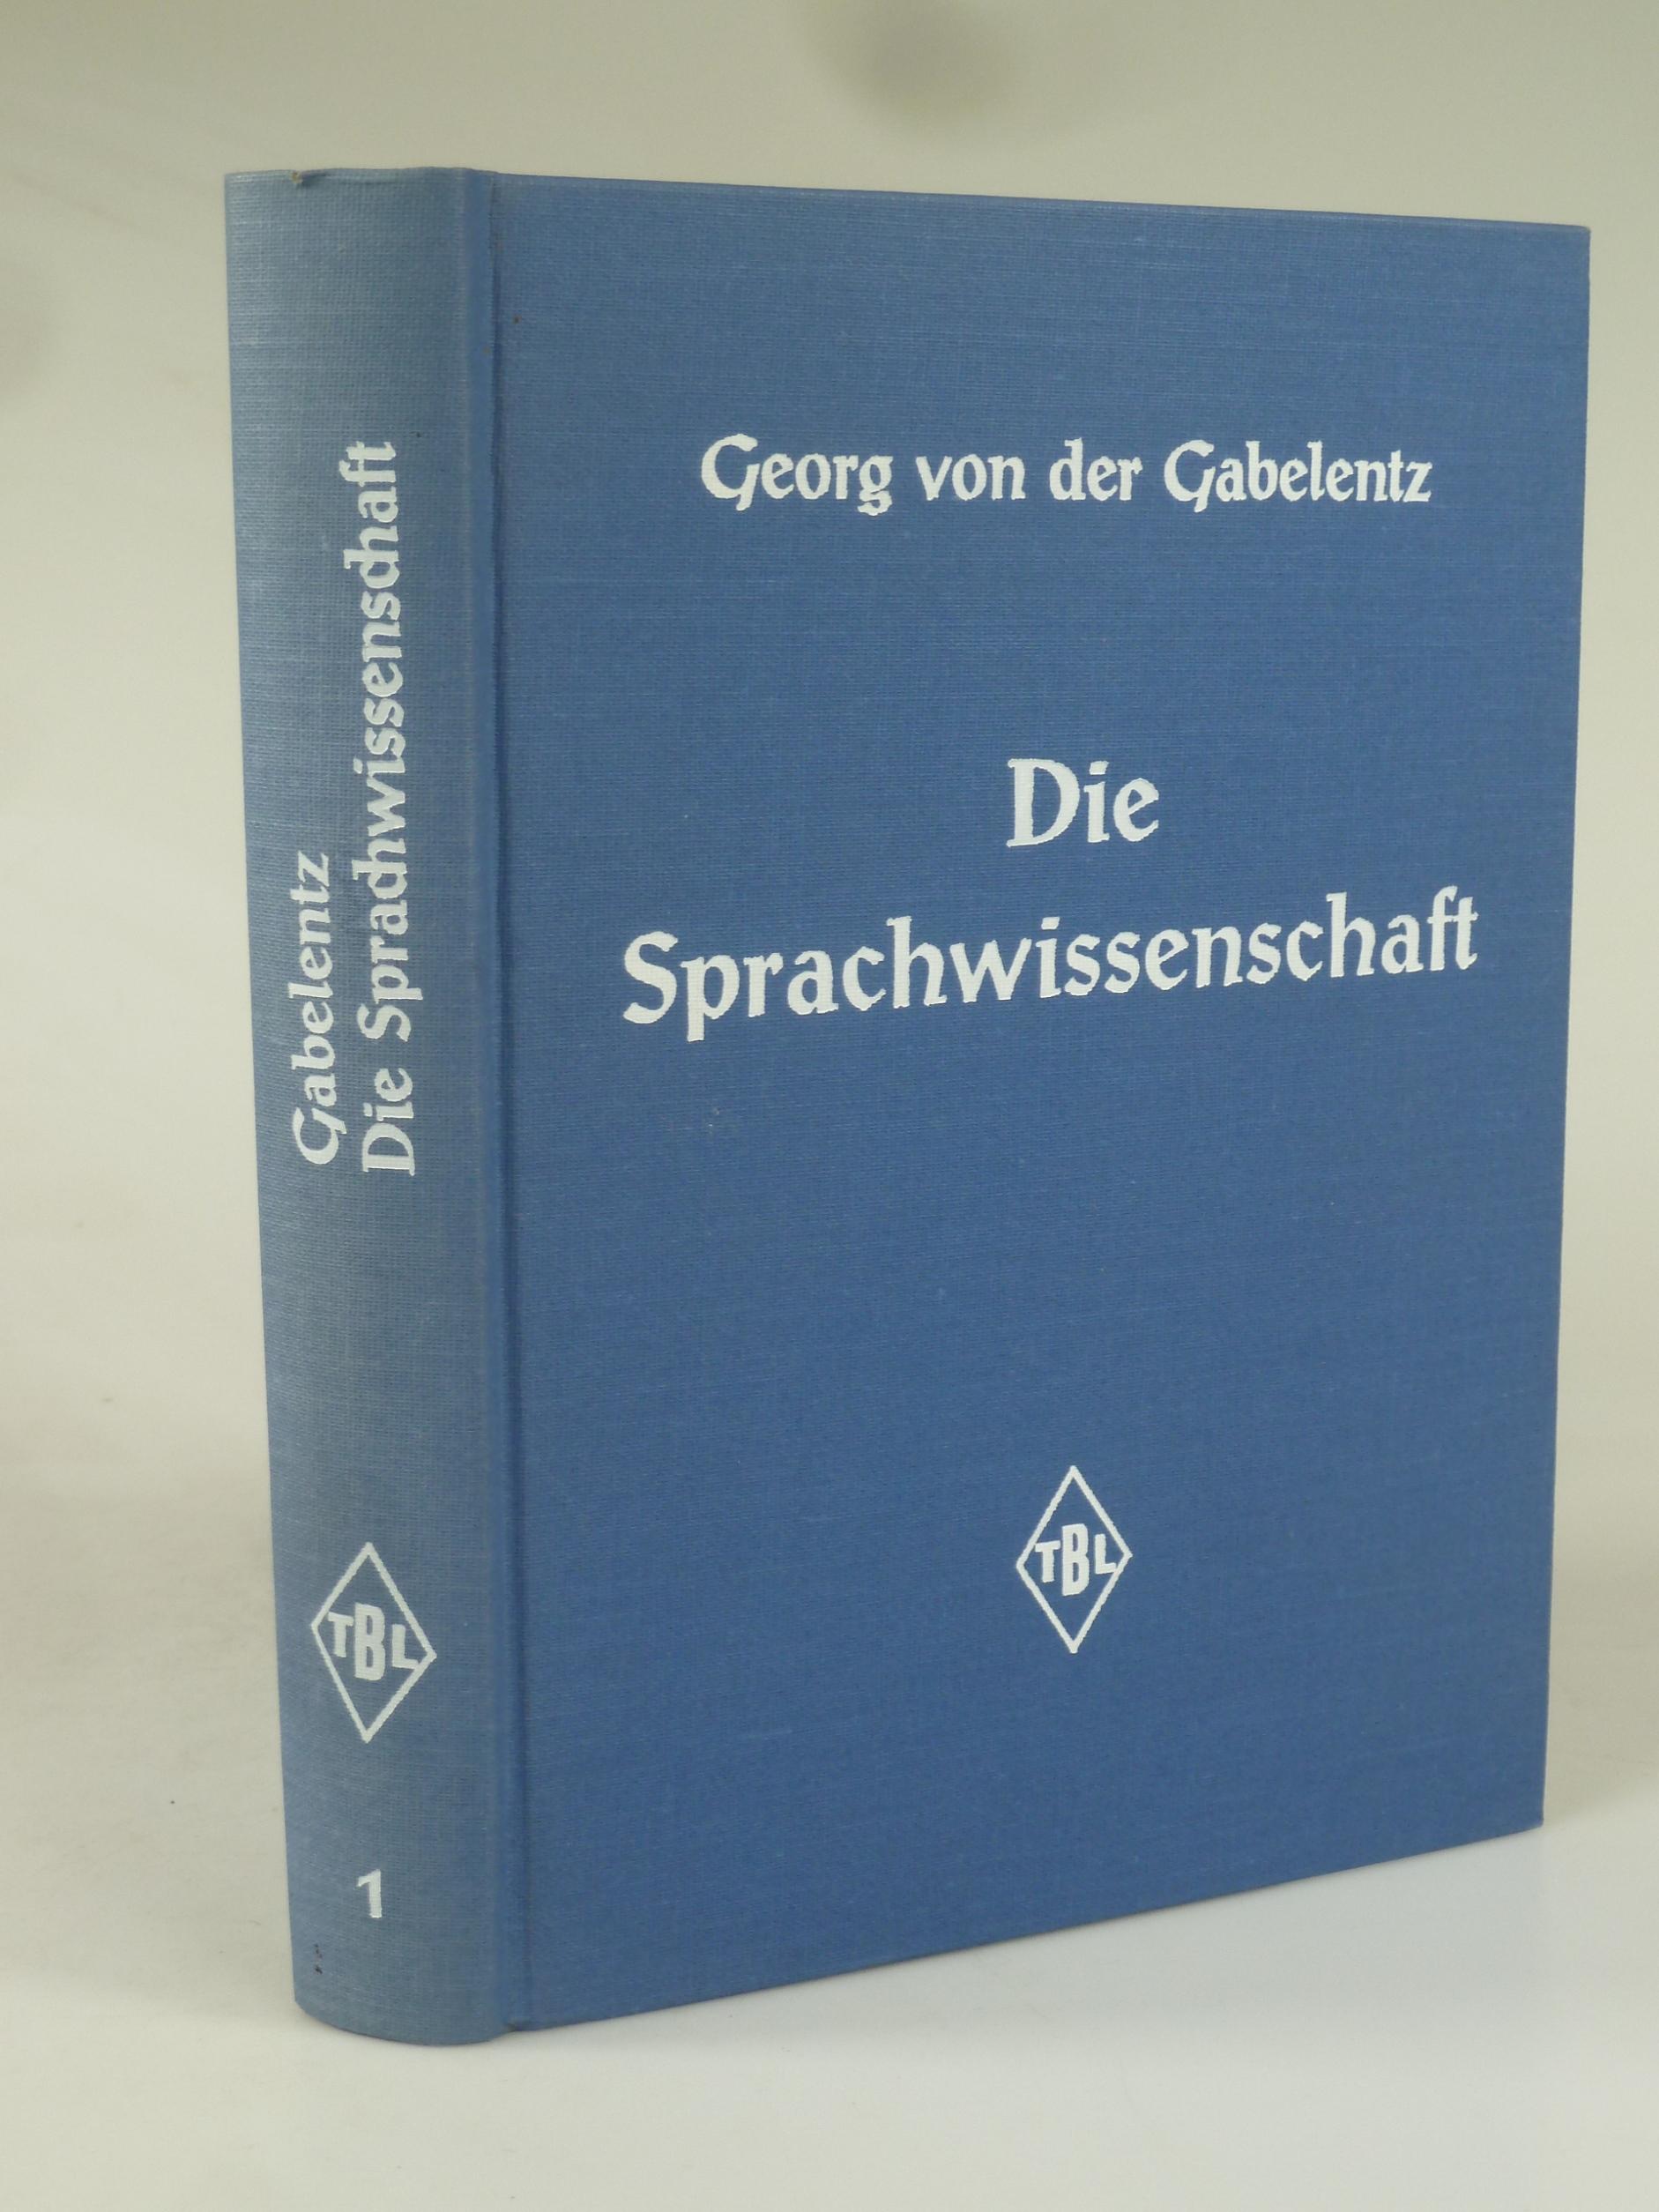 Die Sprachwissenschaft, ihre Aufgaben, Methoden und bisherigen: GABELENTZ, Georg von